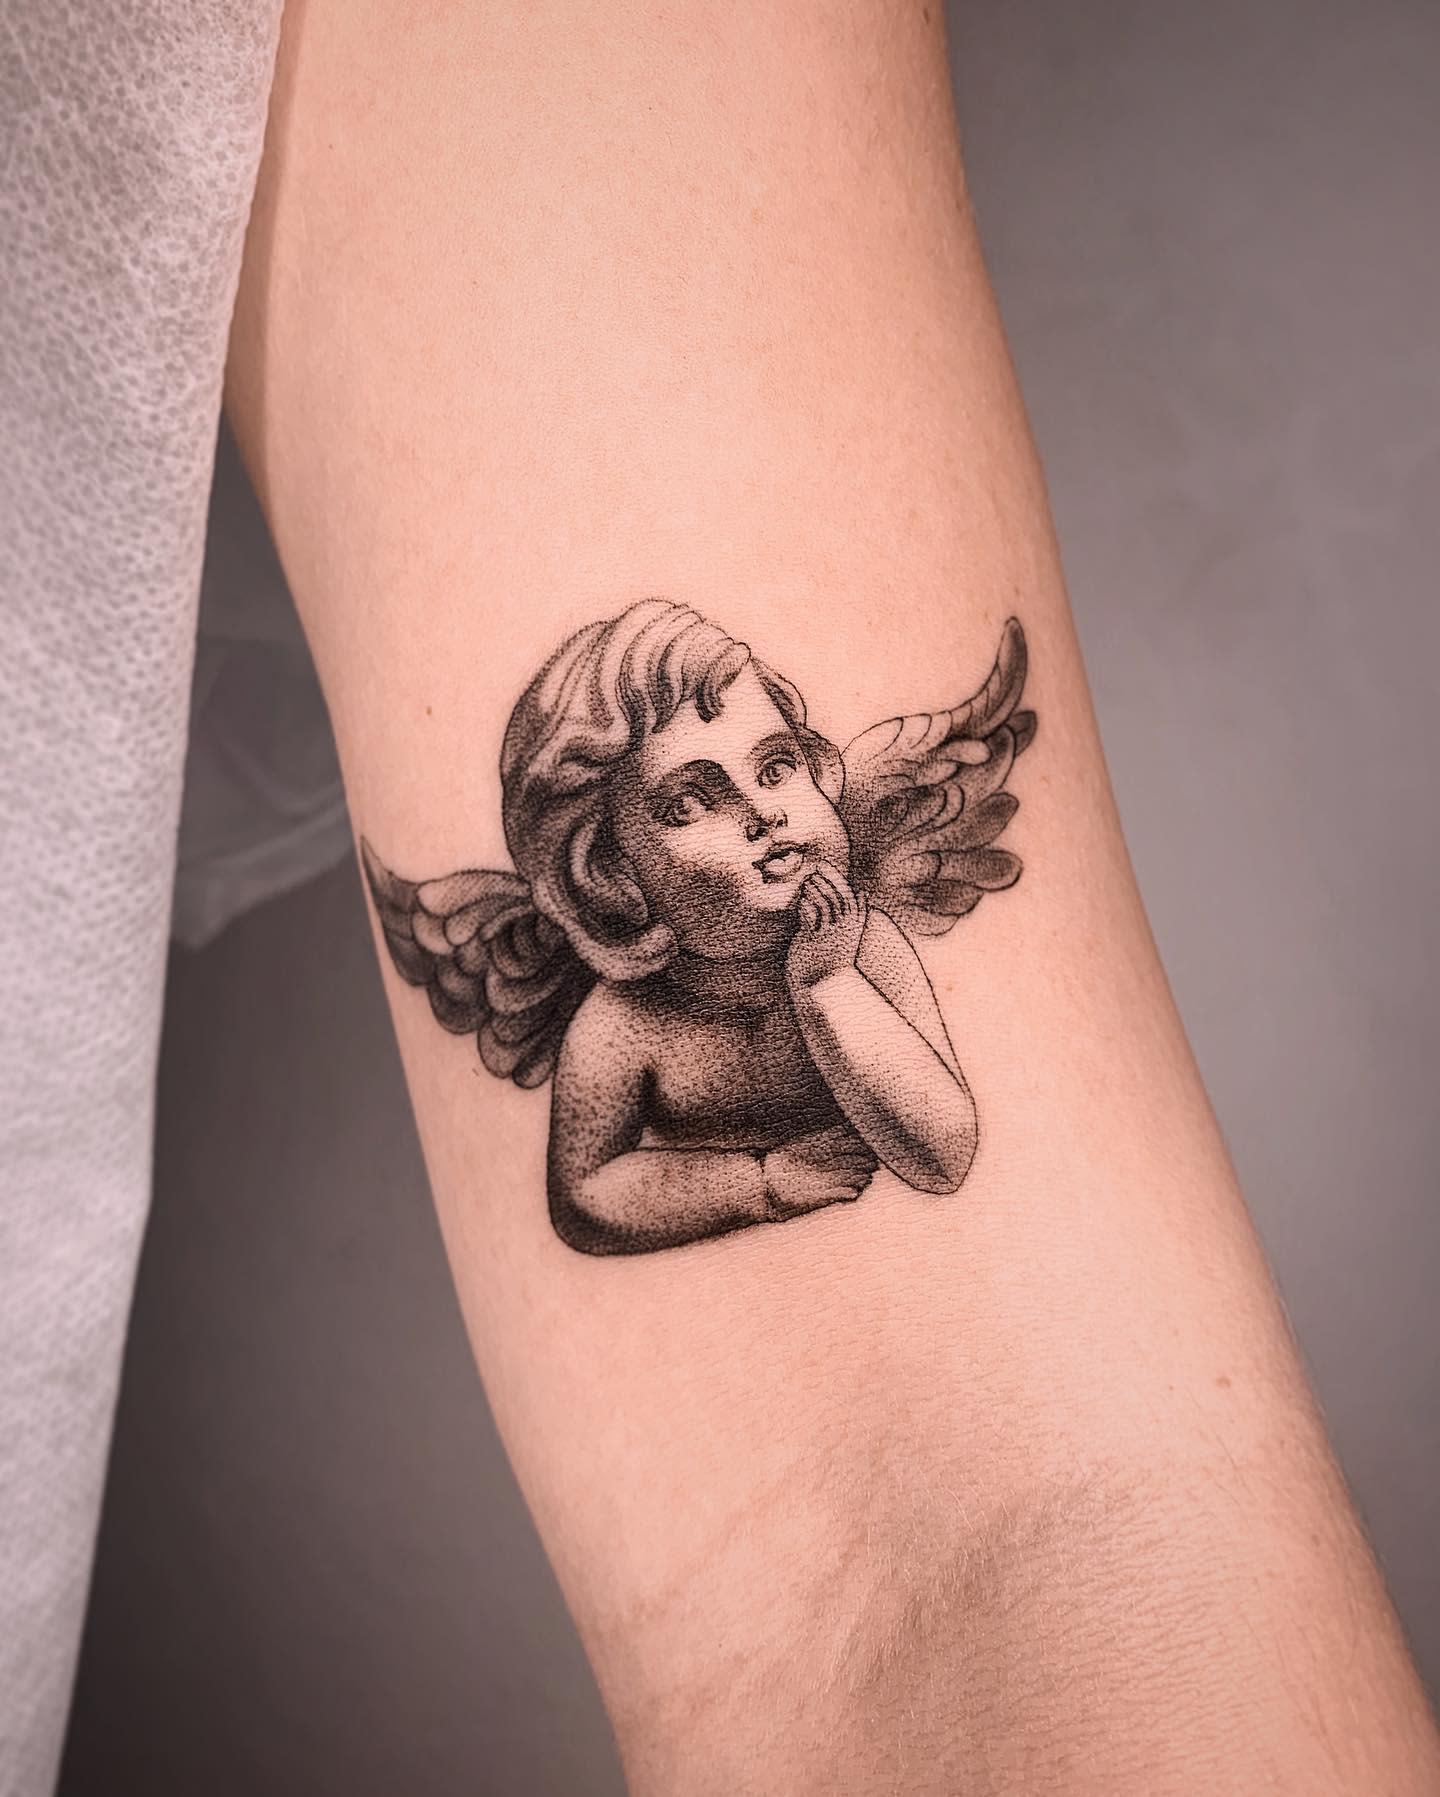 Realistic Cherub Tattoo -d_ratajczyk